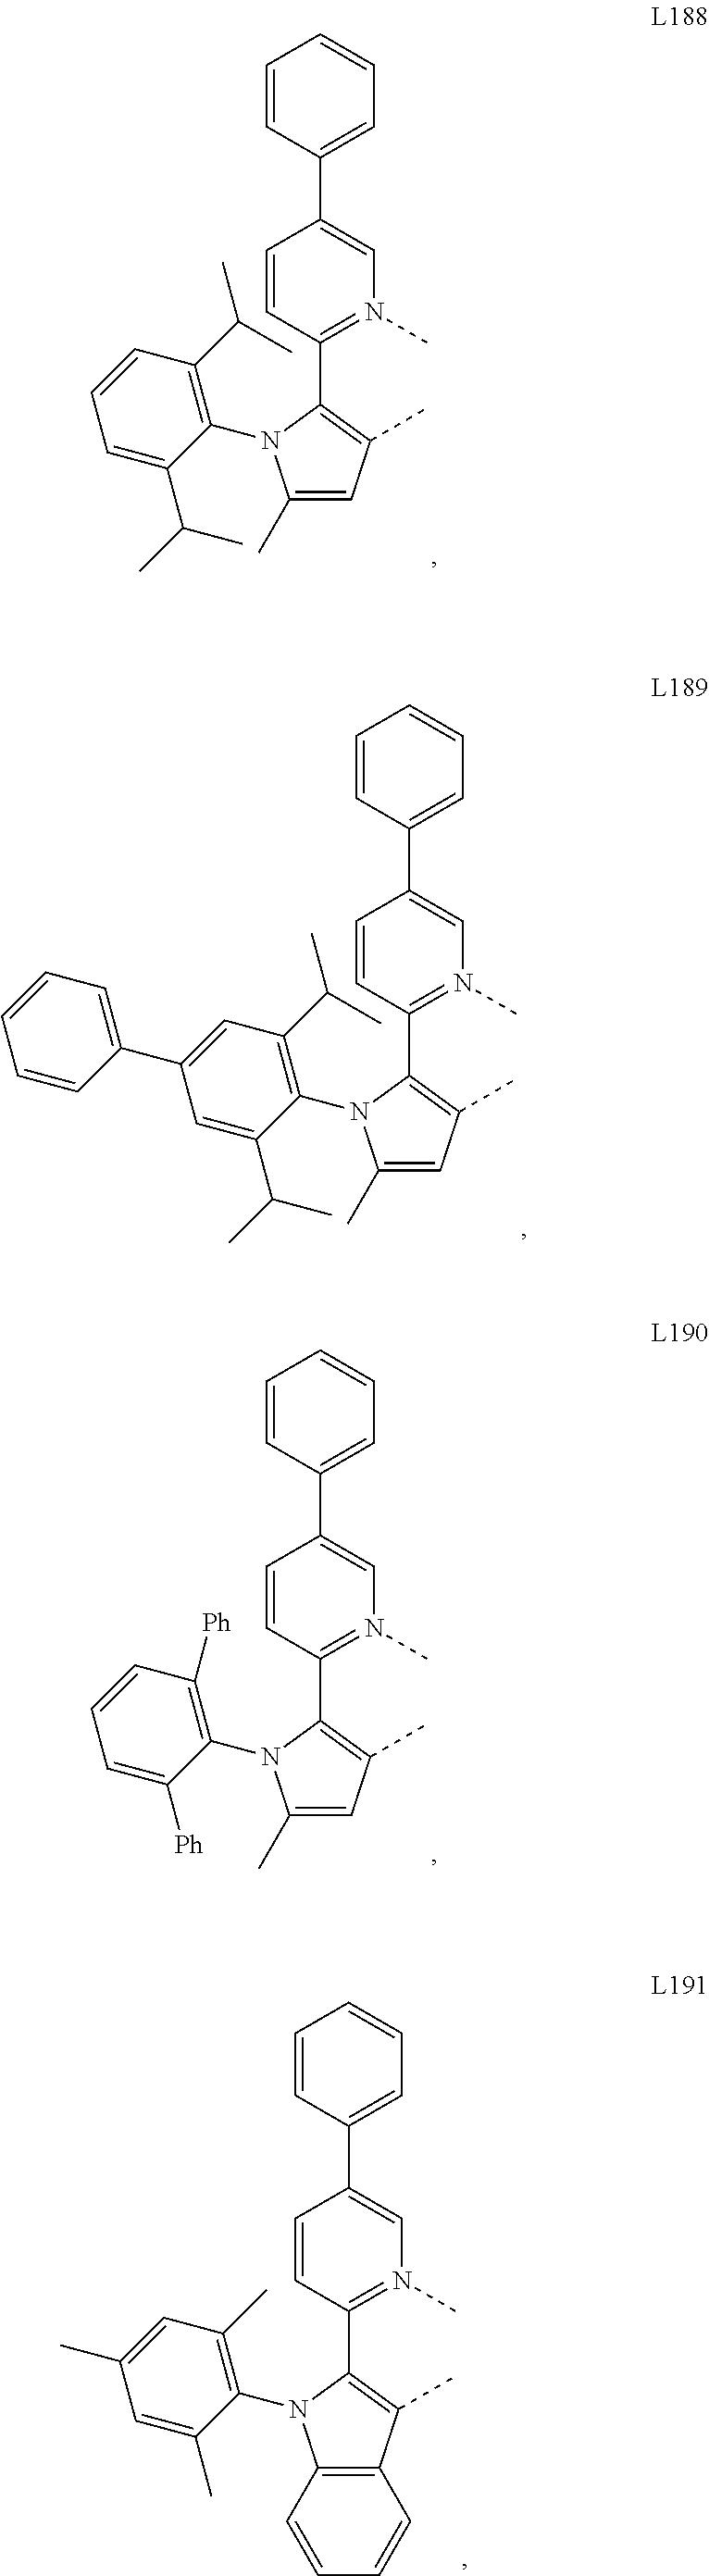 Figure US09935277-20180403-C00043